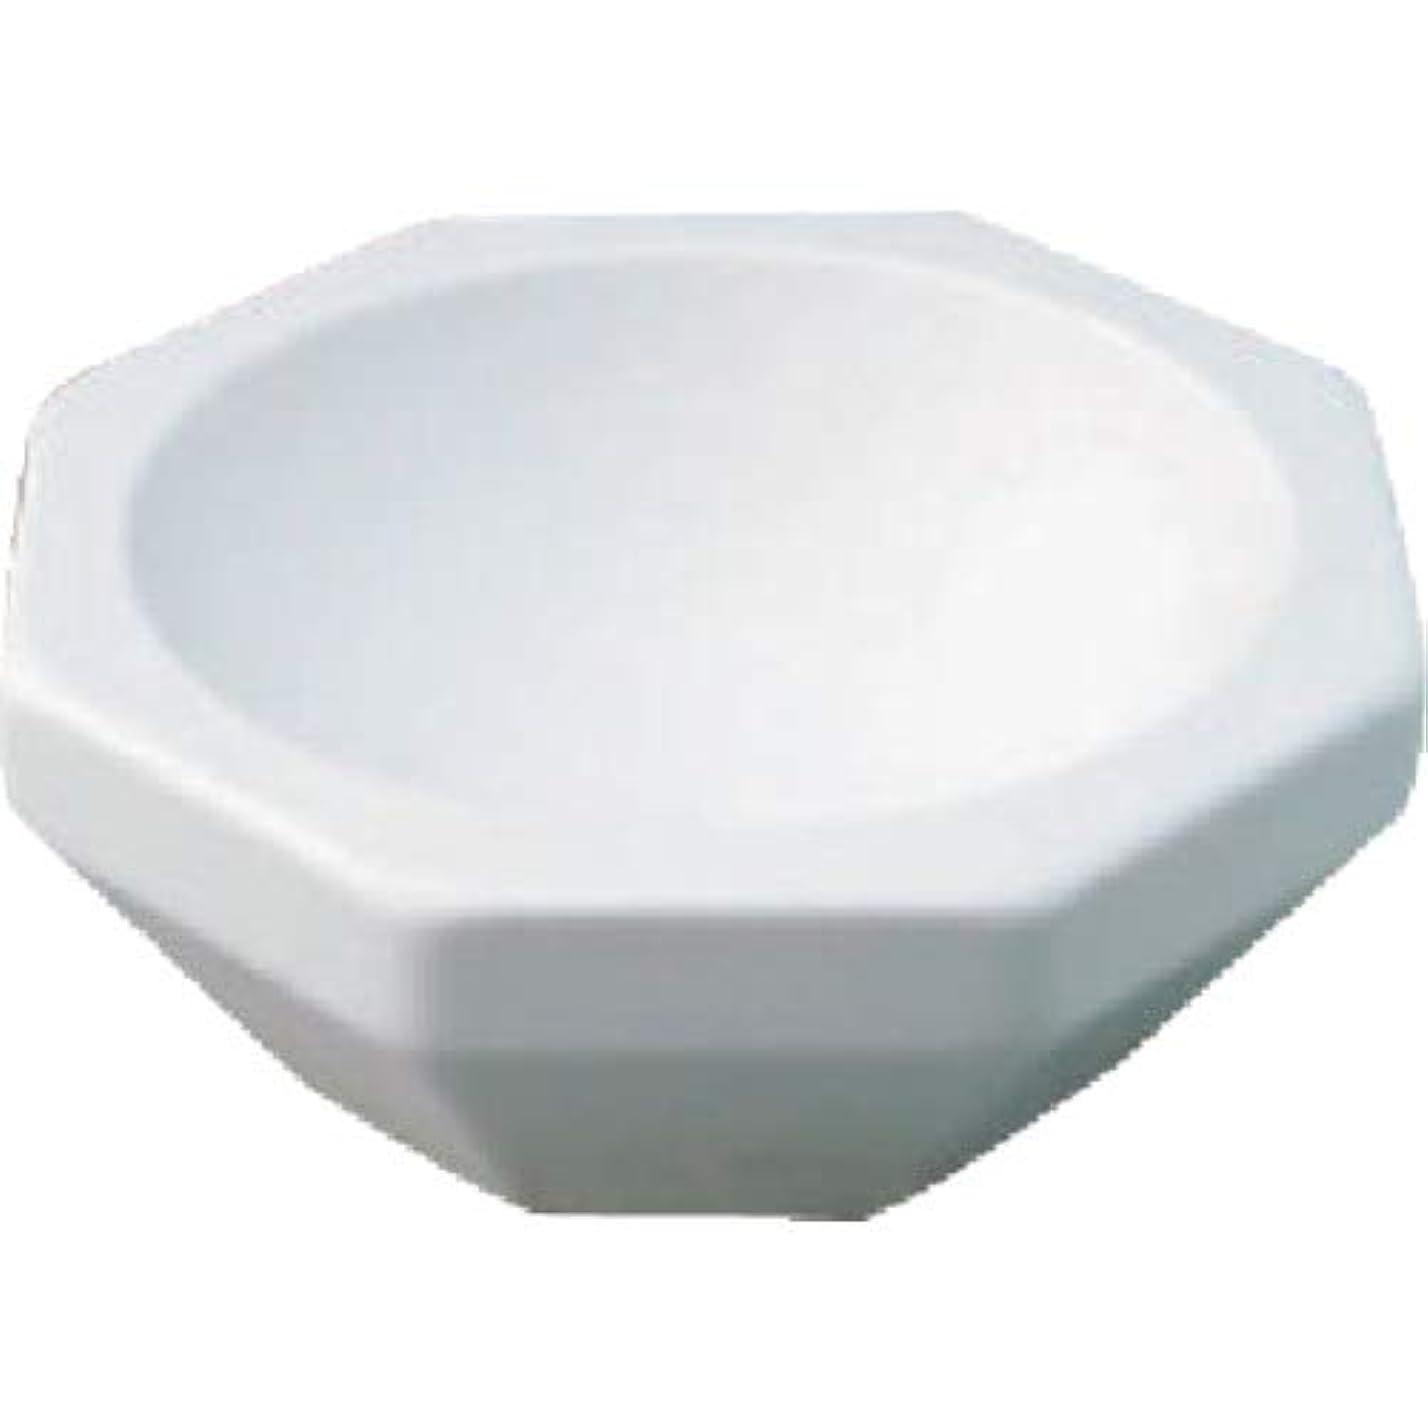 不変帳面対話レオナ 乳鉢(乳棒付)アルミナ 30mL/61-9632-22